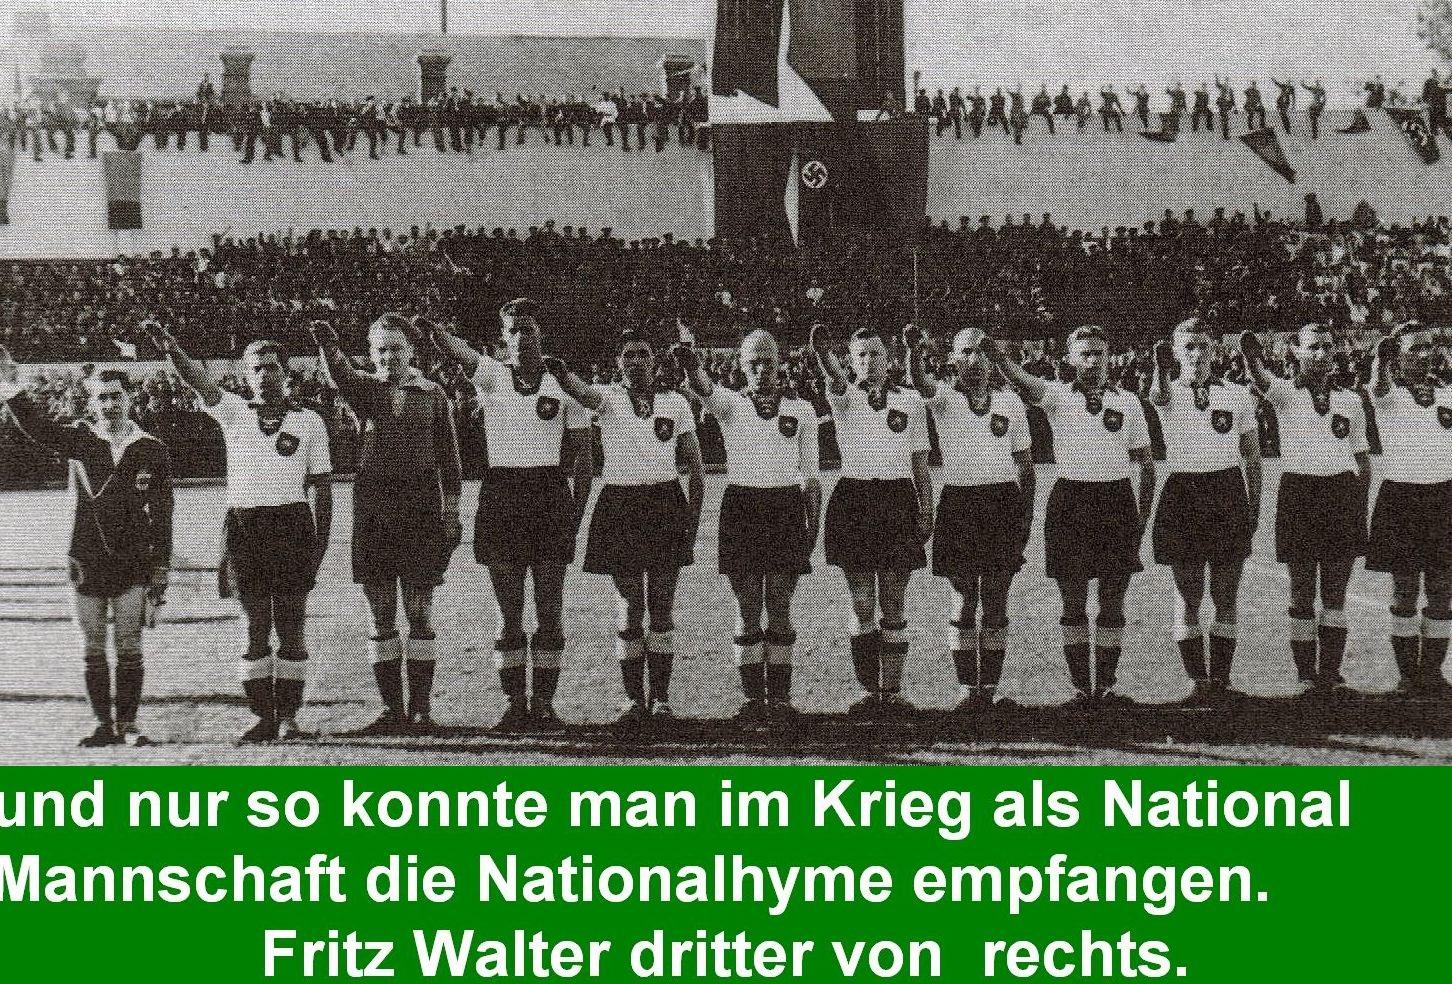 Die deutsche Nationalmannschaft im Krieg bei der Nationalhymne